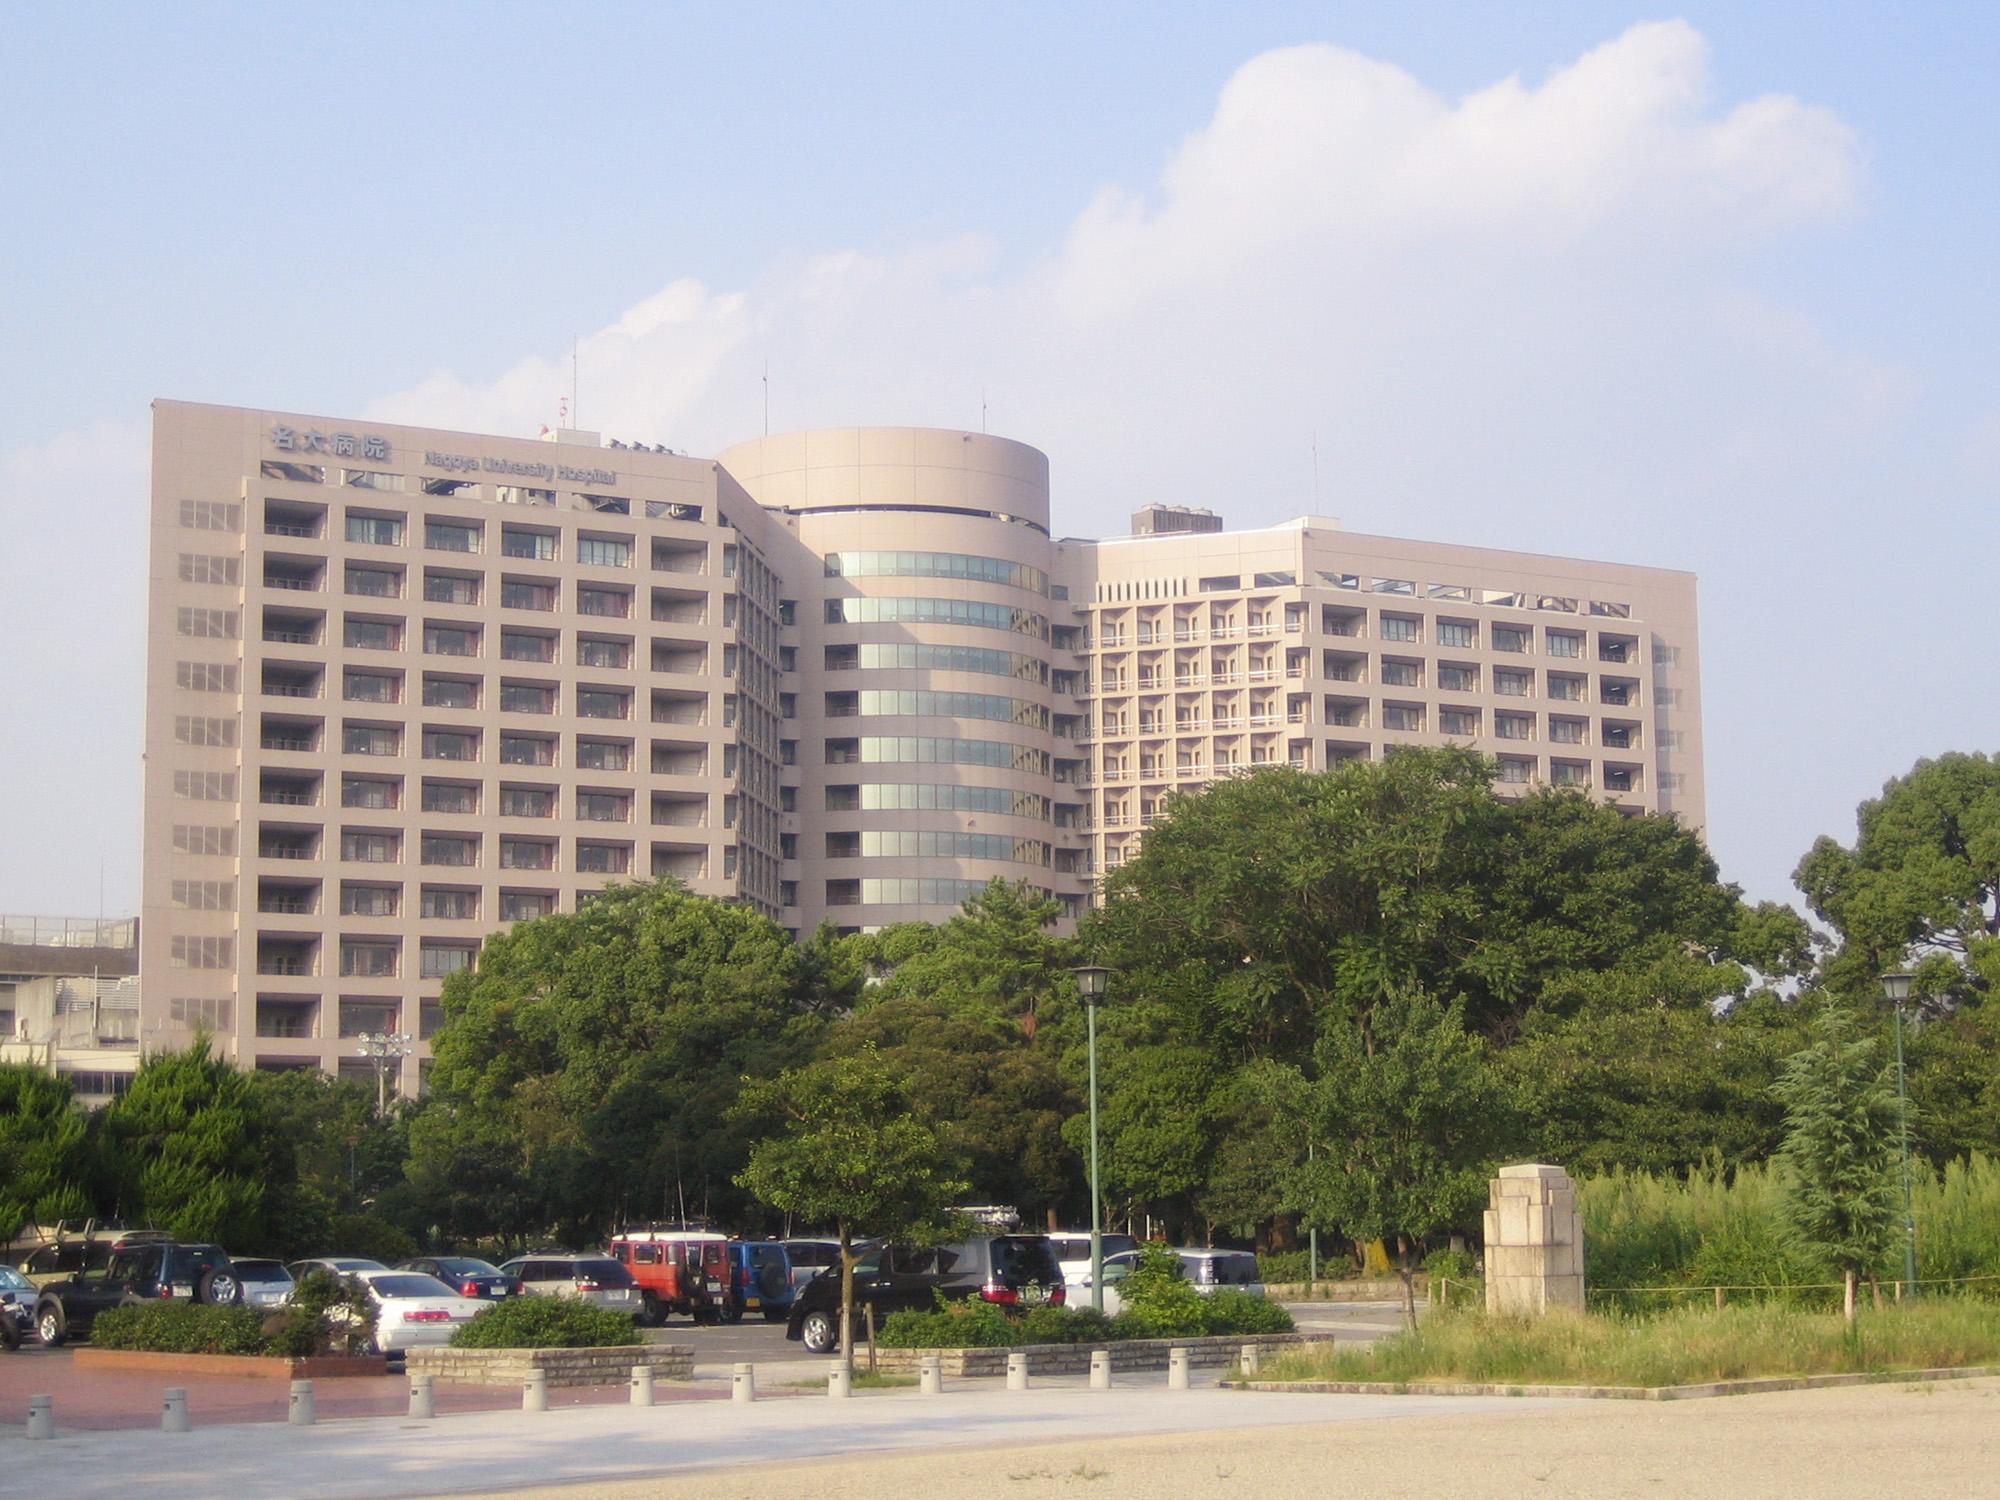 Nagoya_University_Hospital